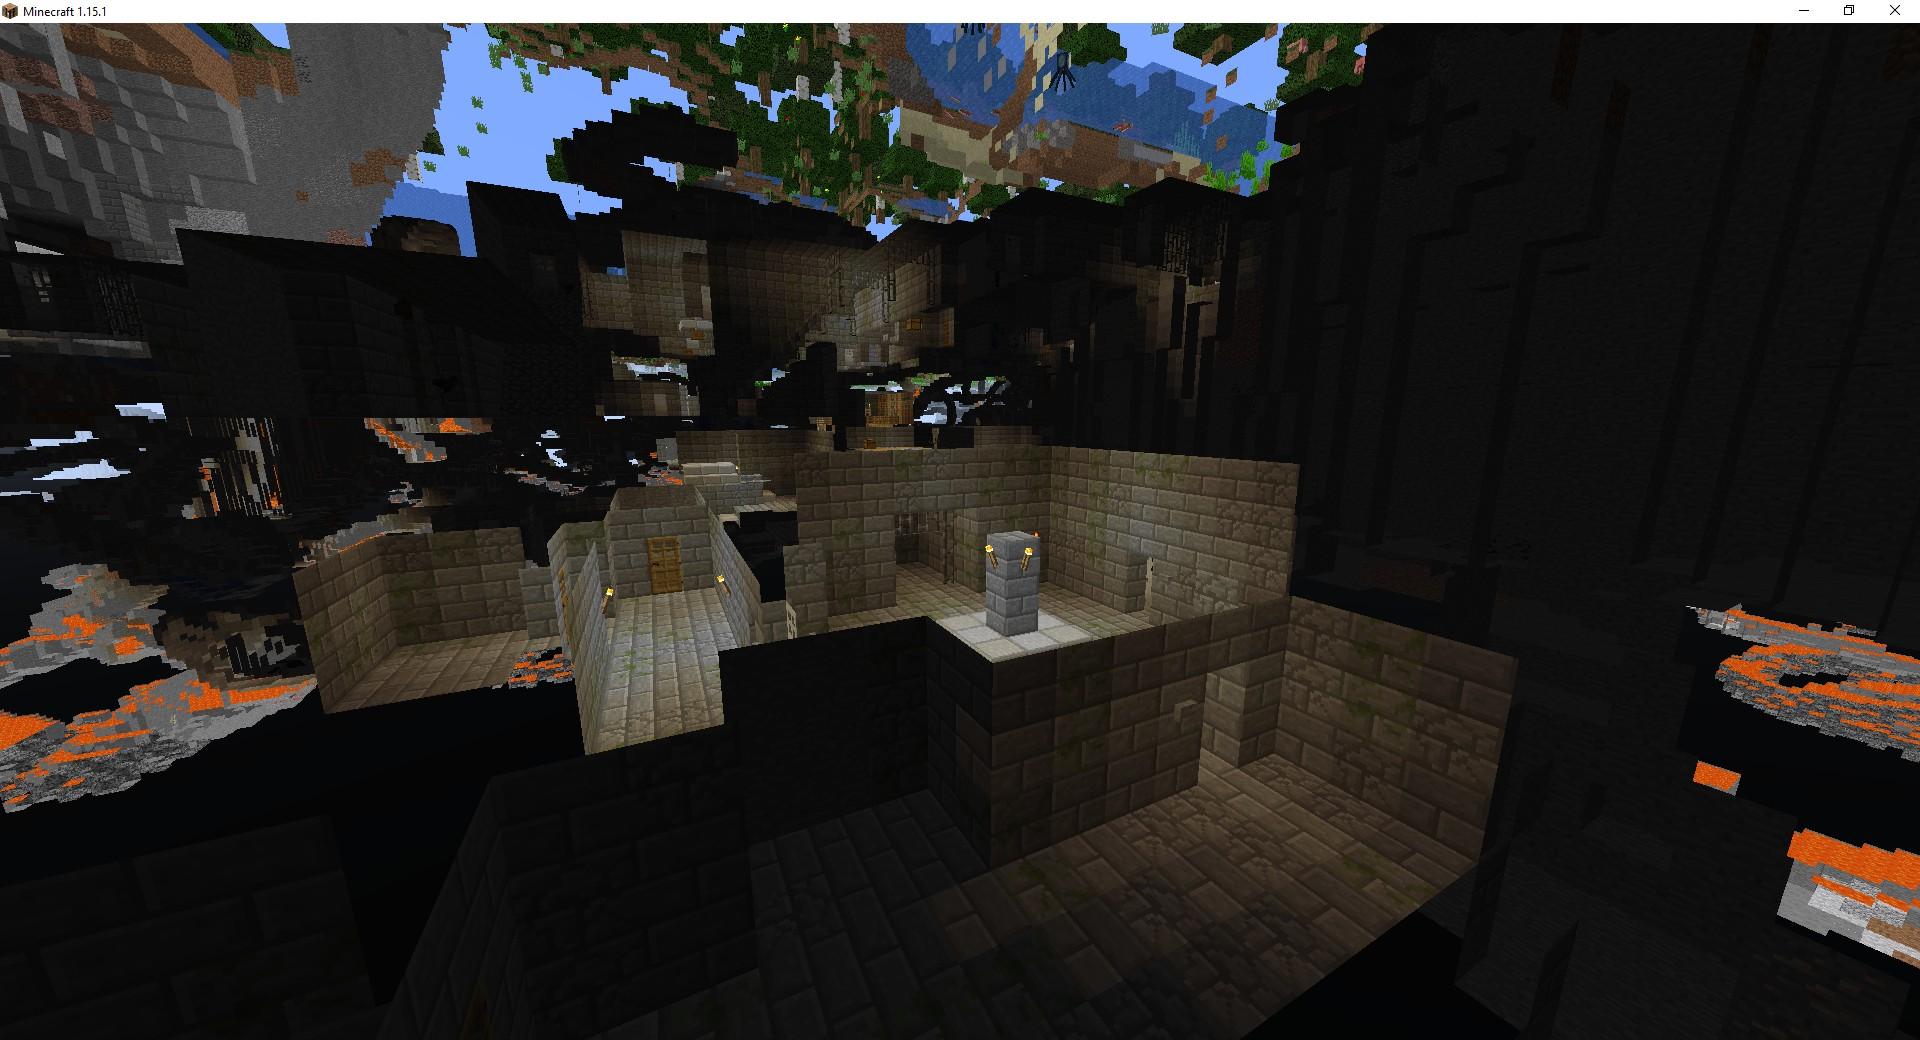 Сид «Подземная крепость и портал в край» - скриншот 6